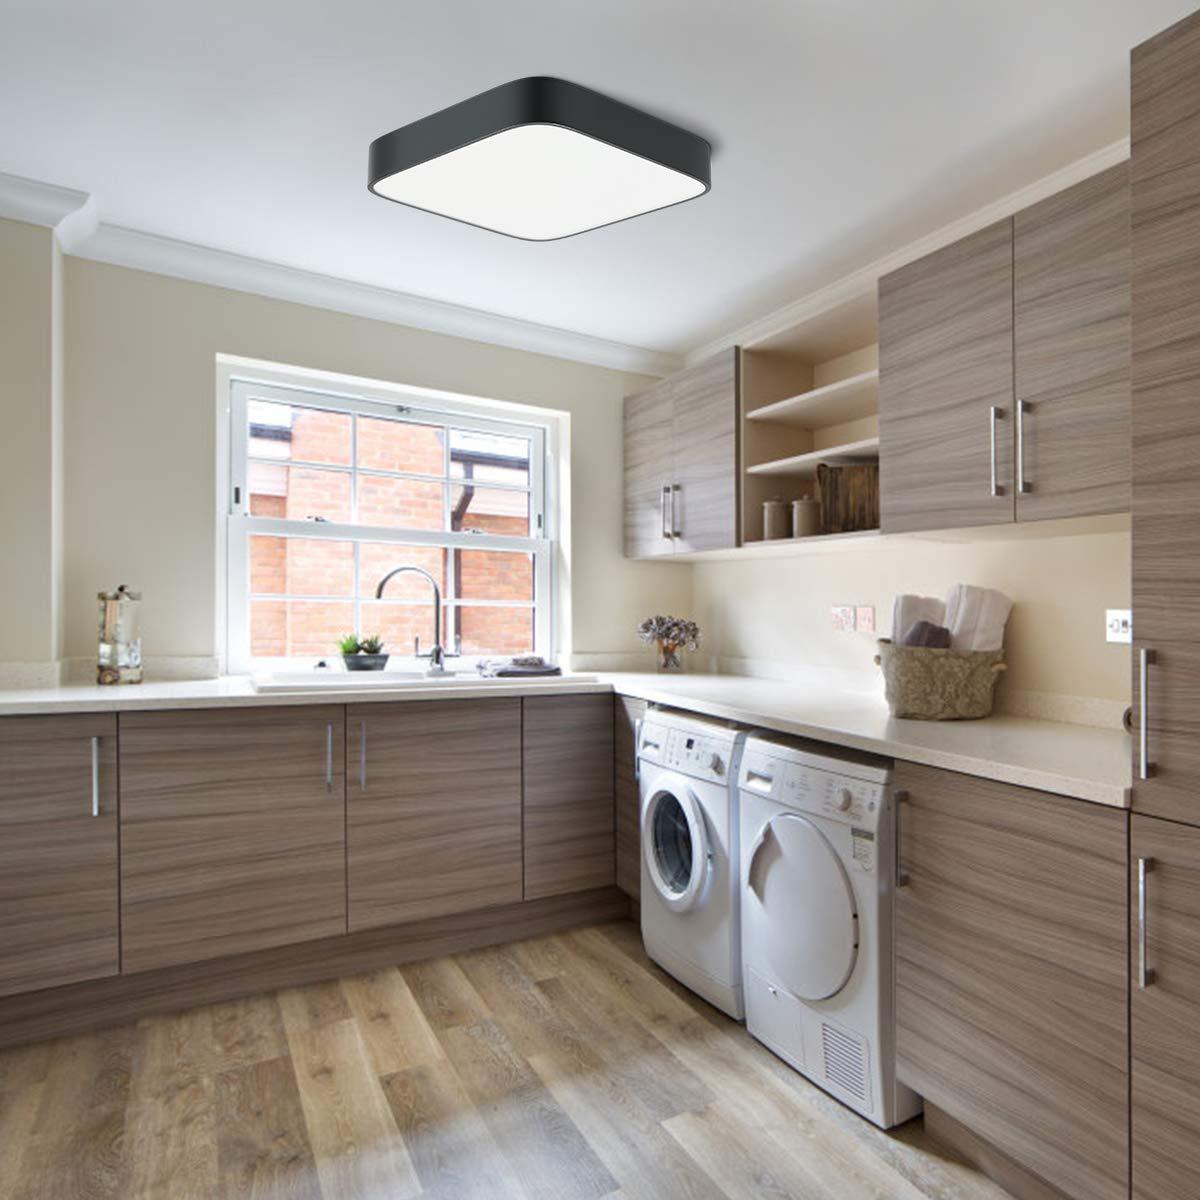 Deckenleuchte LED Deckenlampe Wohnzimmer bedee LED Deckenleuchte bad 4000K 24W LED Lampe Leuchte Quadratische Dünne für Badezimmer Küche Schlafzimmer Bad Wohnzimmer Esszimmer Balkon Flur